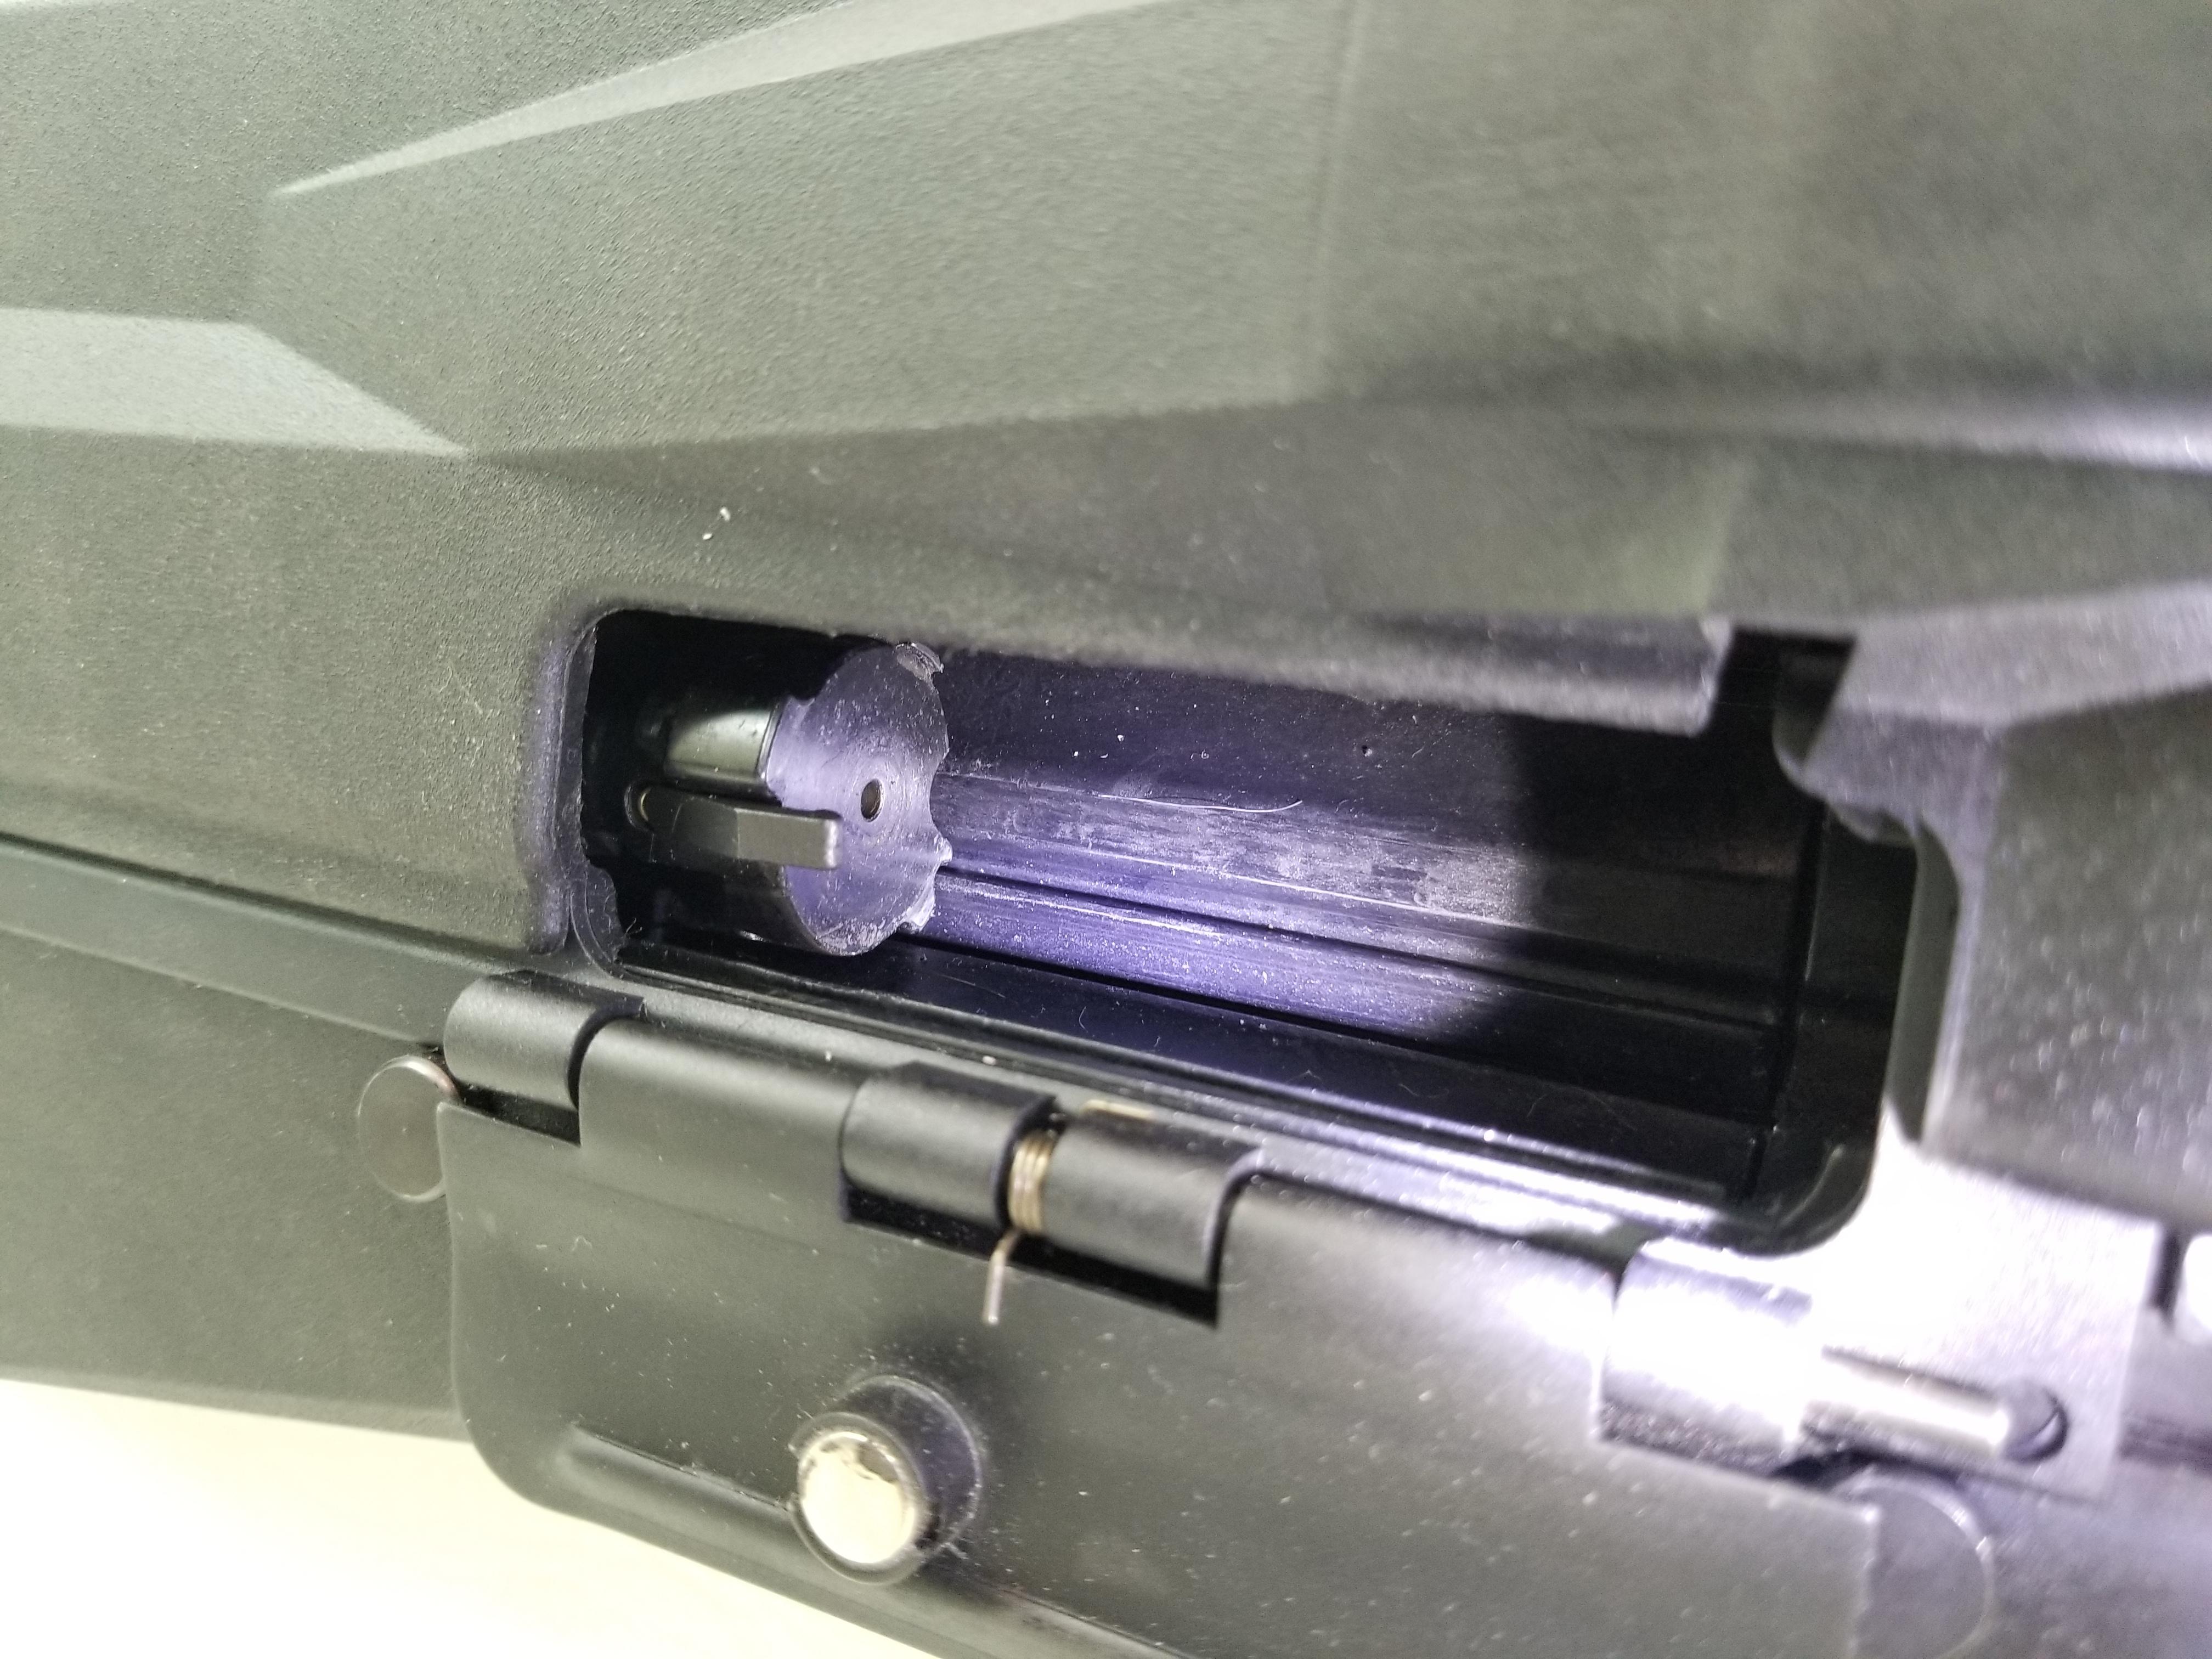 UTAS UTS15 12 ga Pump Shotgun-img-5